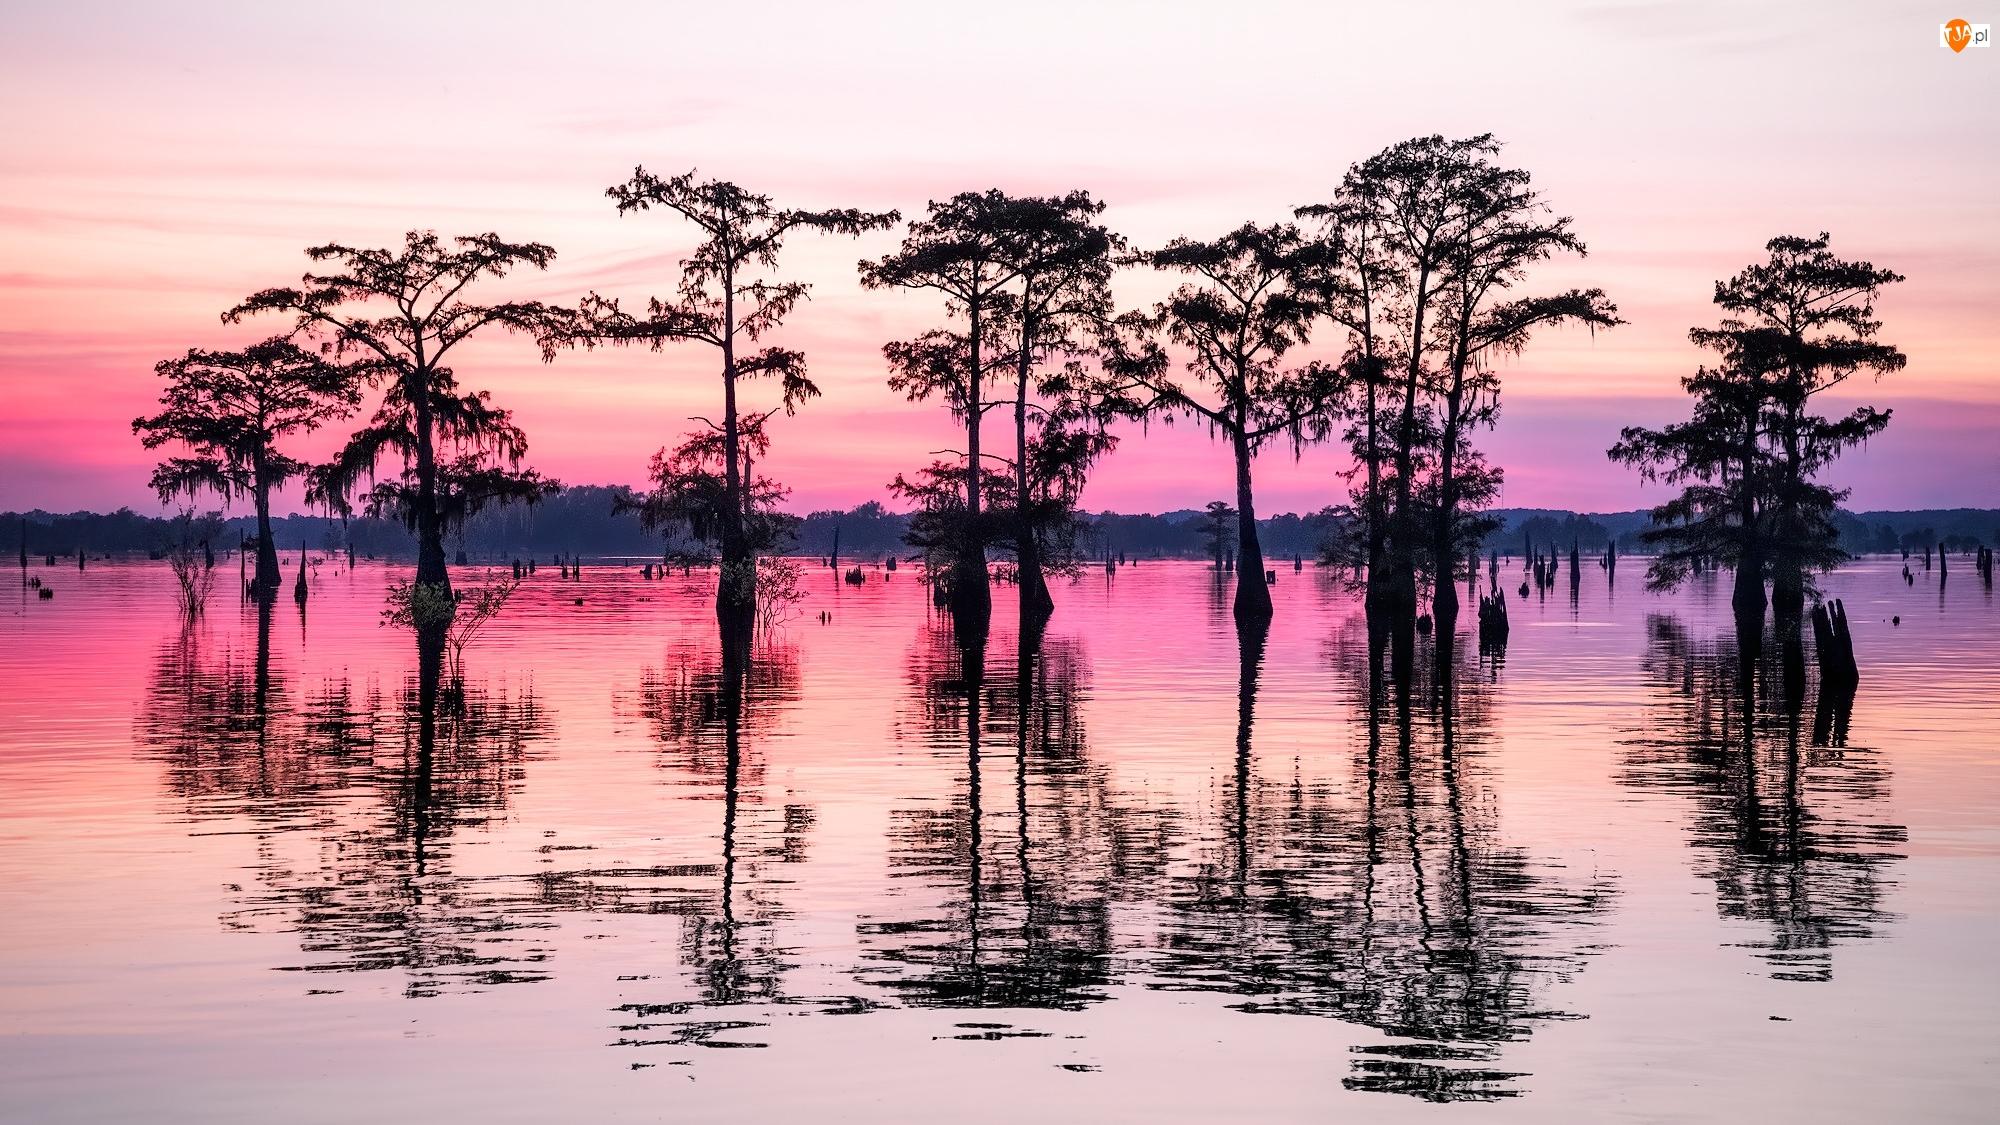 Atchafalaya Basin, Drzewo, Bagno, Luizjana, Cyprys, Mokradło, Stany Zjednoczone, Odbicie